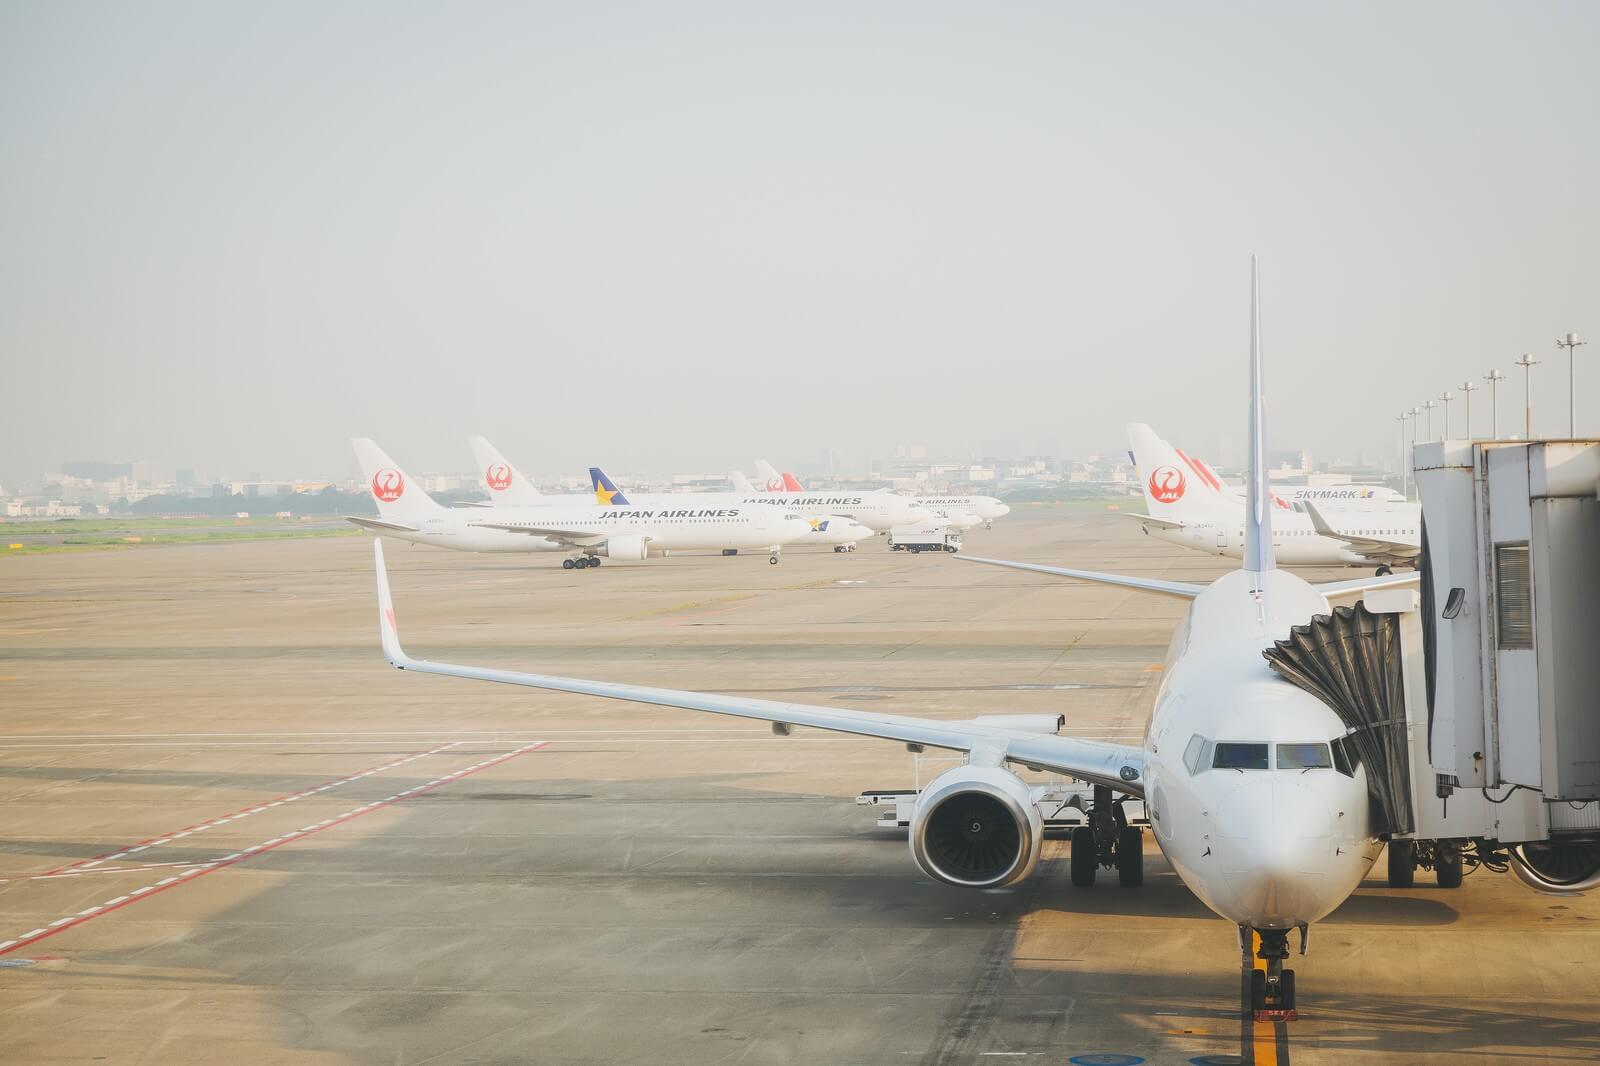 東京福井間、LCCセールで成田空港→関西国際空港駅の飛行機チケットが購入できた場合の移動方法